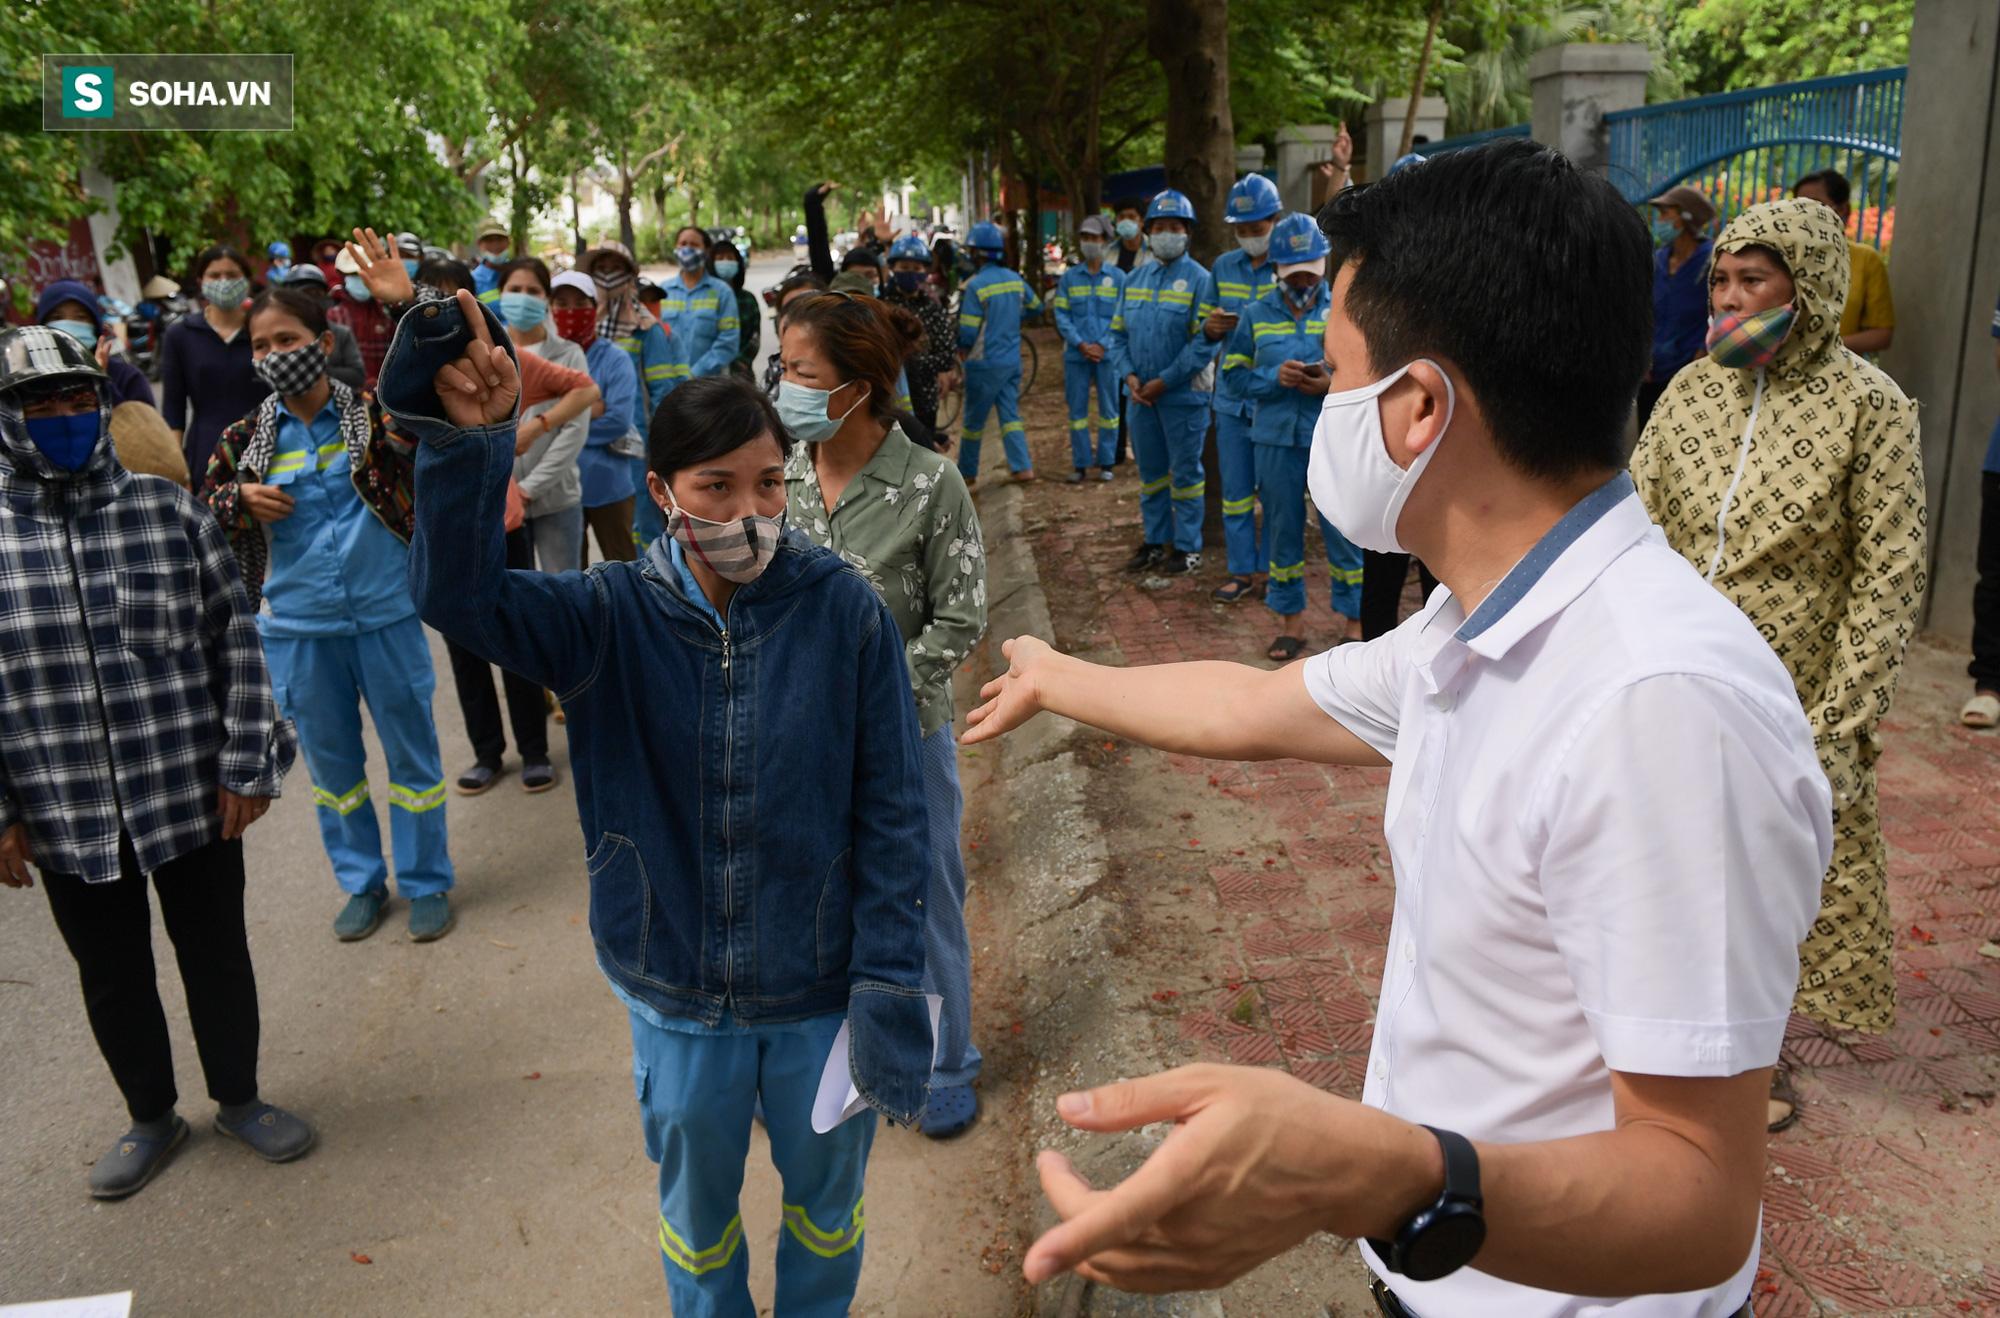 Giọt nước mắt những công nhân thu gom rác bị nợ lương khi được trao quà hỗ trợ - Ảnh 1.